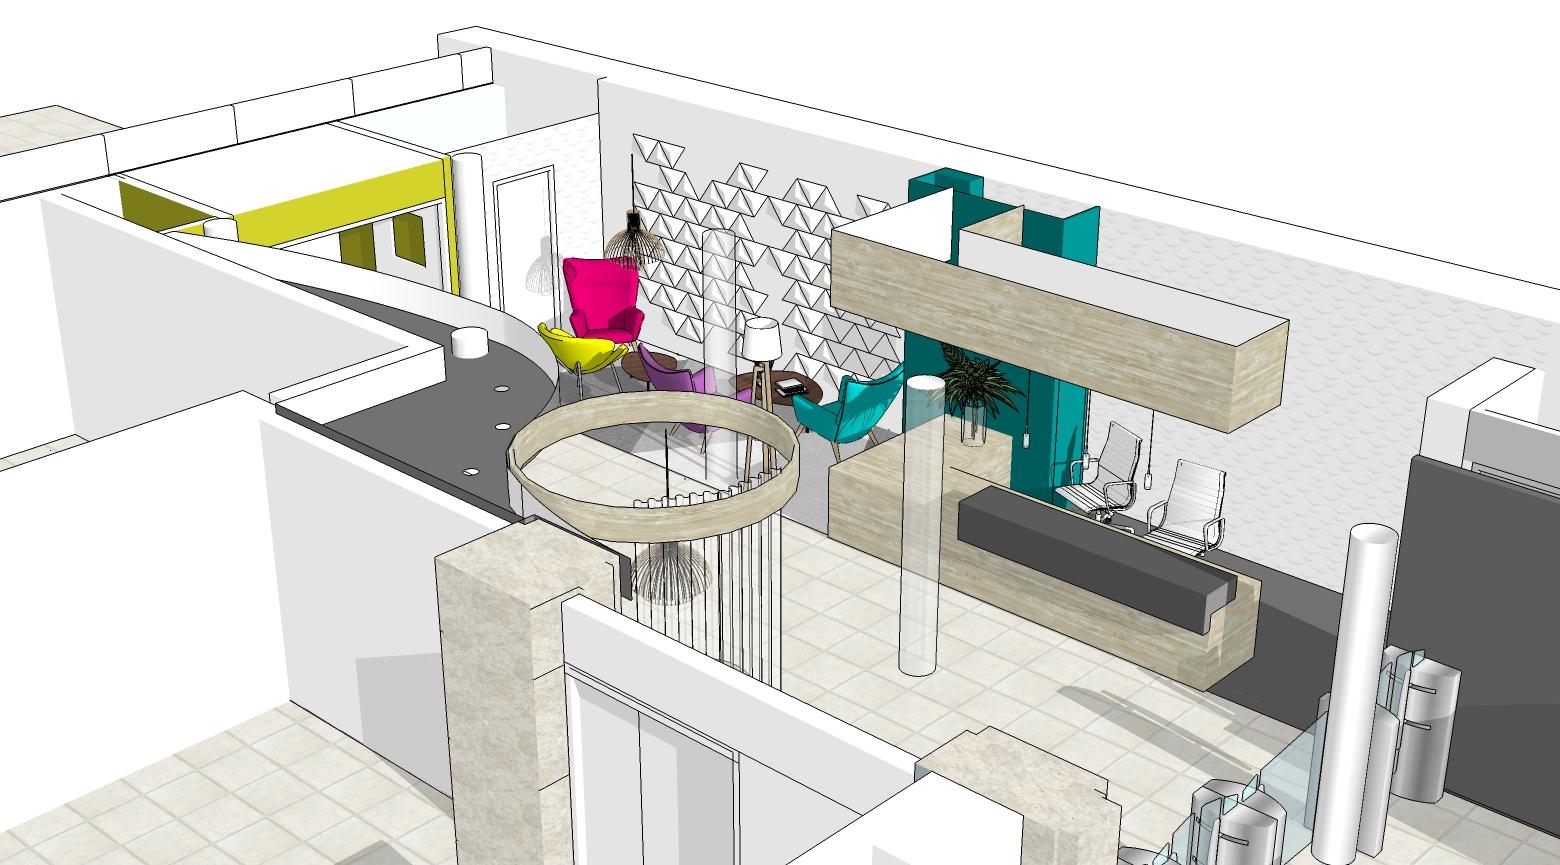 L Architecture D Intérieur architecture d'intérieur - serenitys